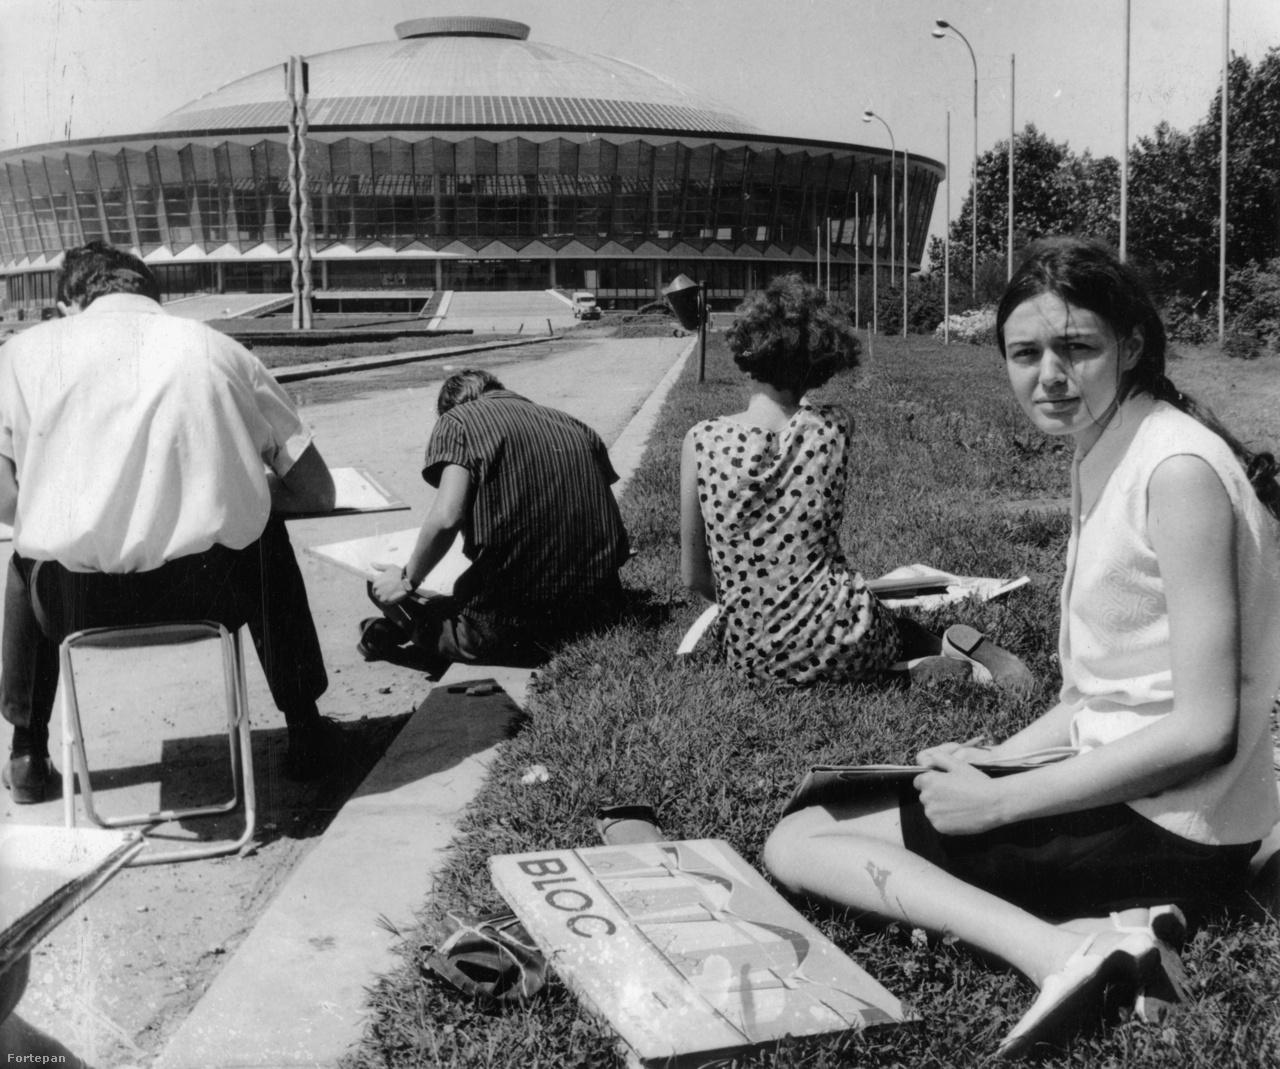 Ifjú képzőművészek örökítik meg az EREN-69 népgazdasági kiállítás központi csarnokát. A ma Romexpo néven ismert épületet 1962-ben adták át, 2017-ben felújították.